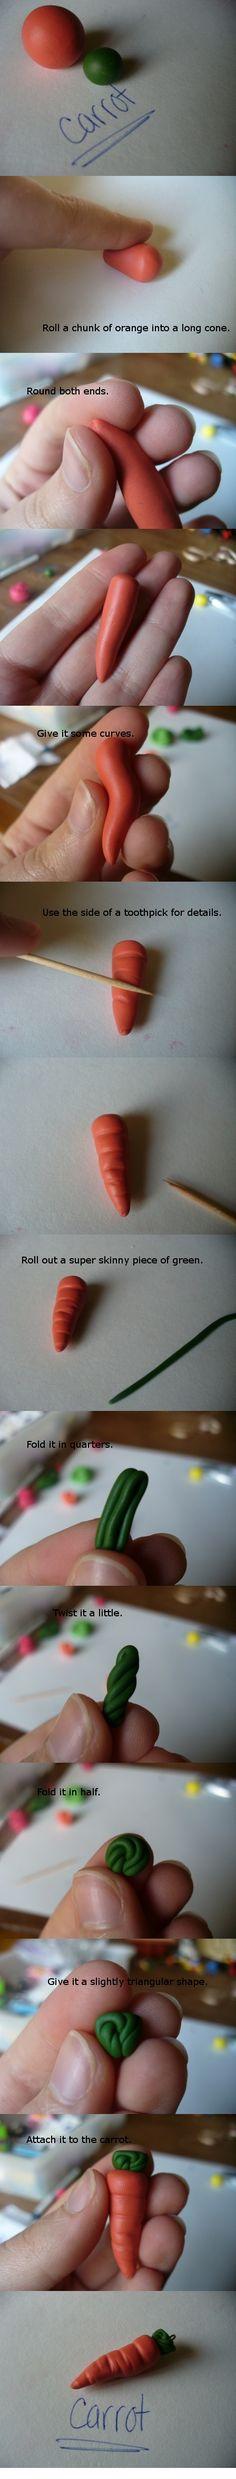 zanahoria sencilla (carrot)